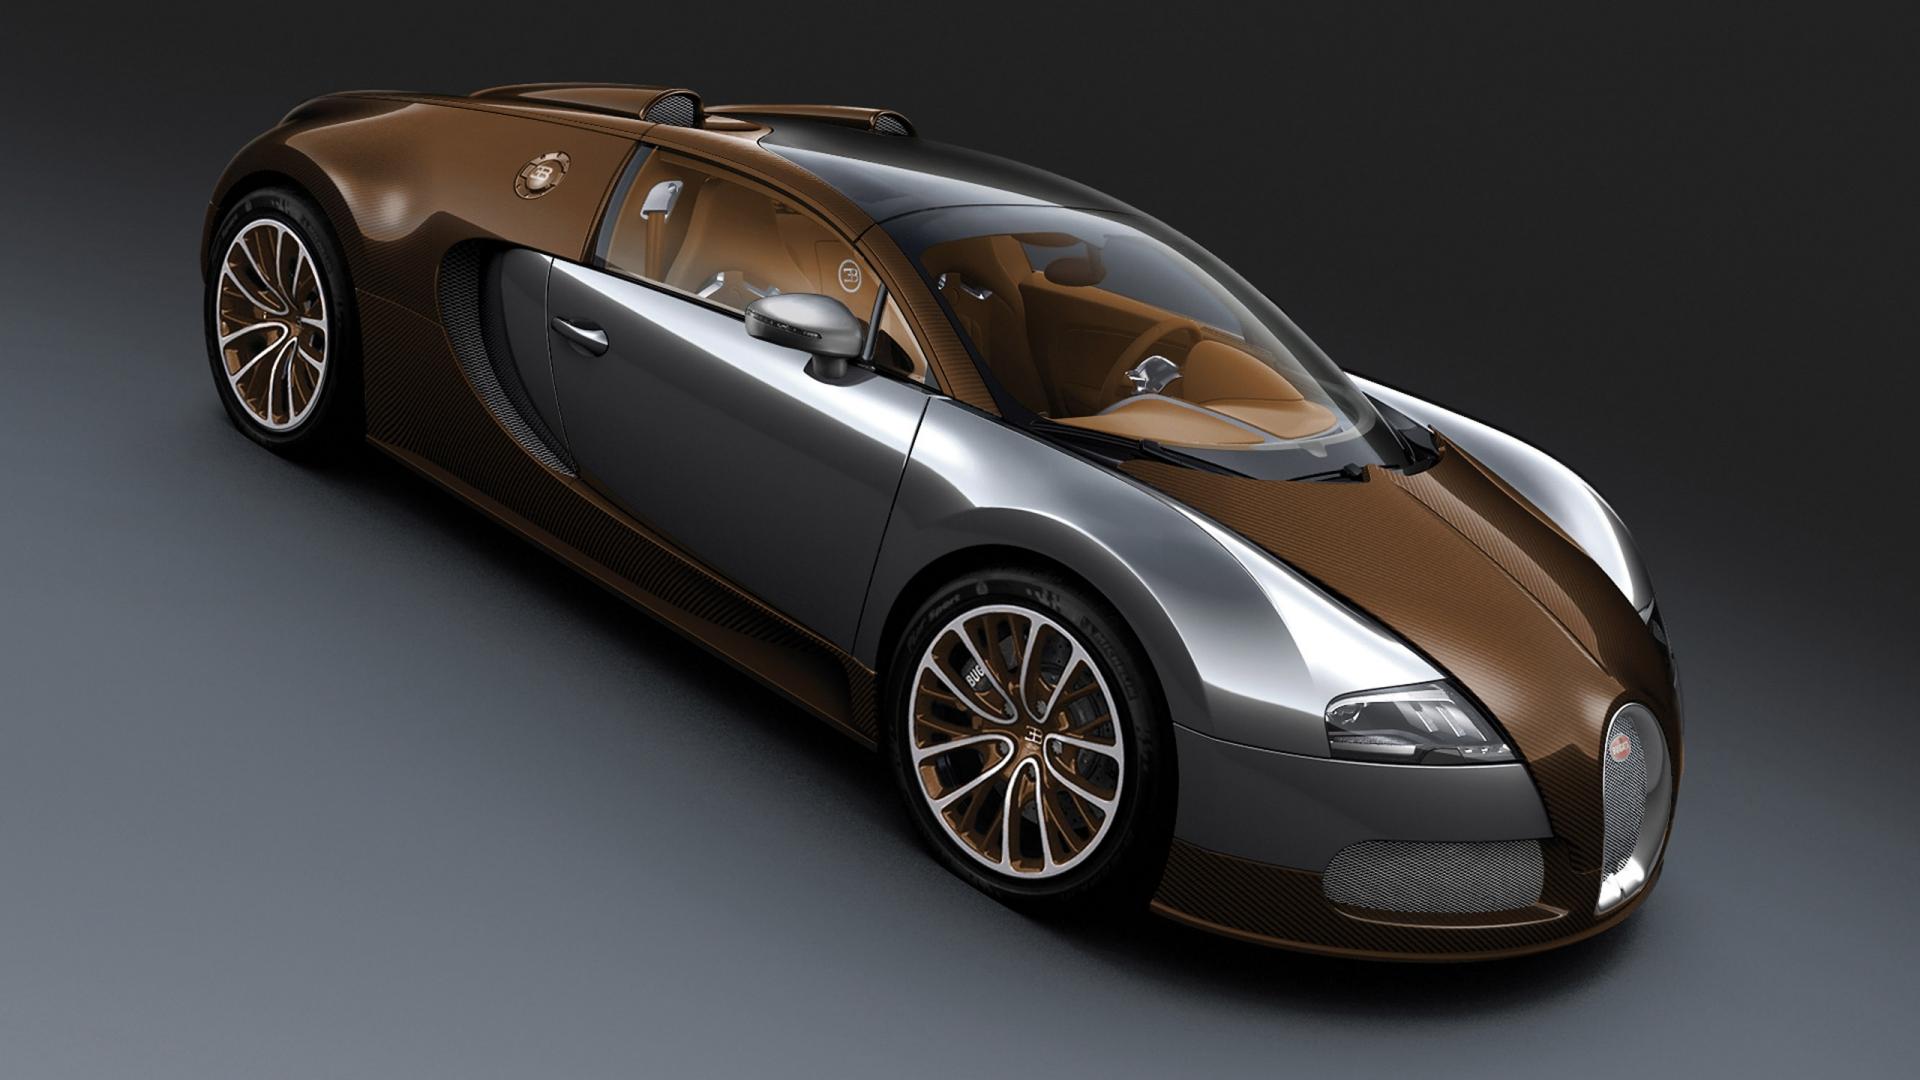 http://1.bp.blogspot.com/-1Pk7IFVHB00/UFXtROdkEcI/AAAAAAAAJ3A/ujzXP8z-vug/s0/2012-bugatti-veyron-bronce-carbon-1920x1080-wallpaper.jpg